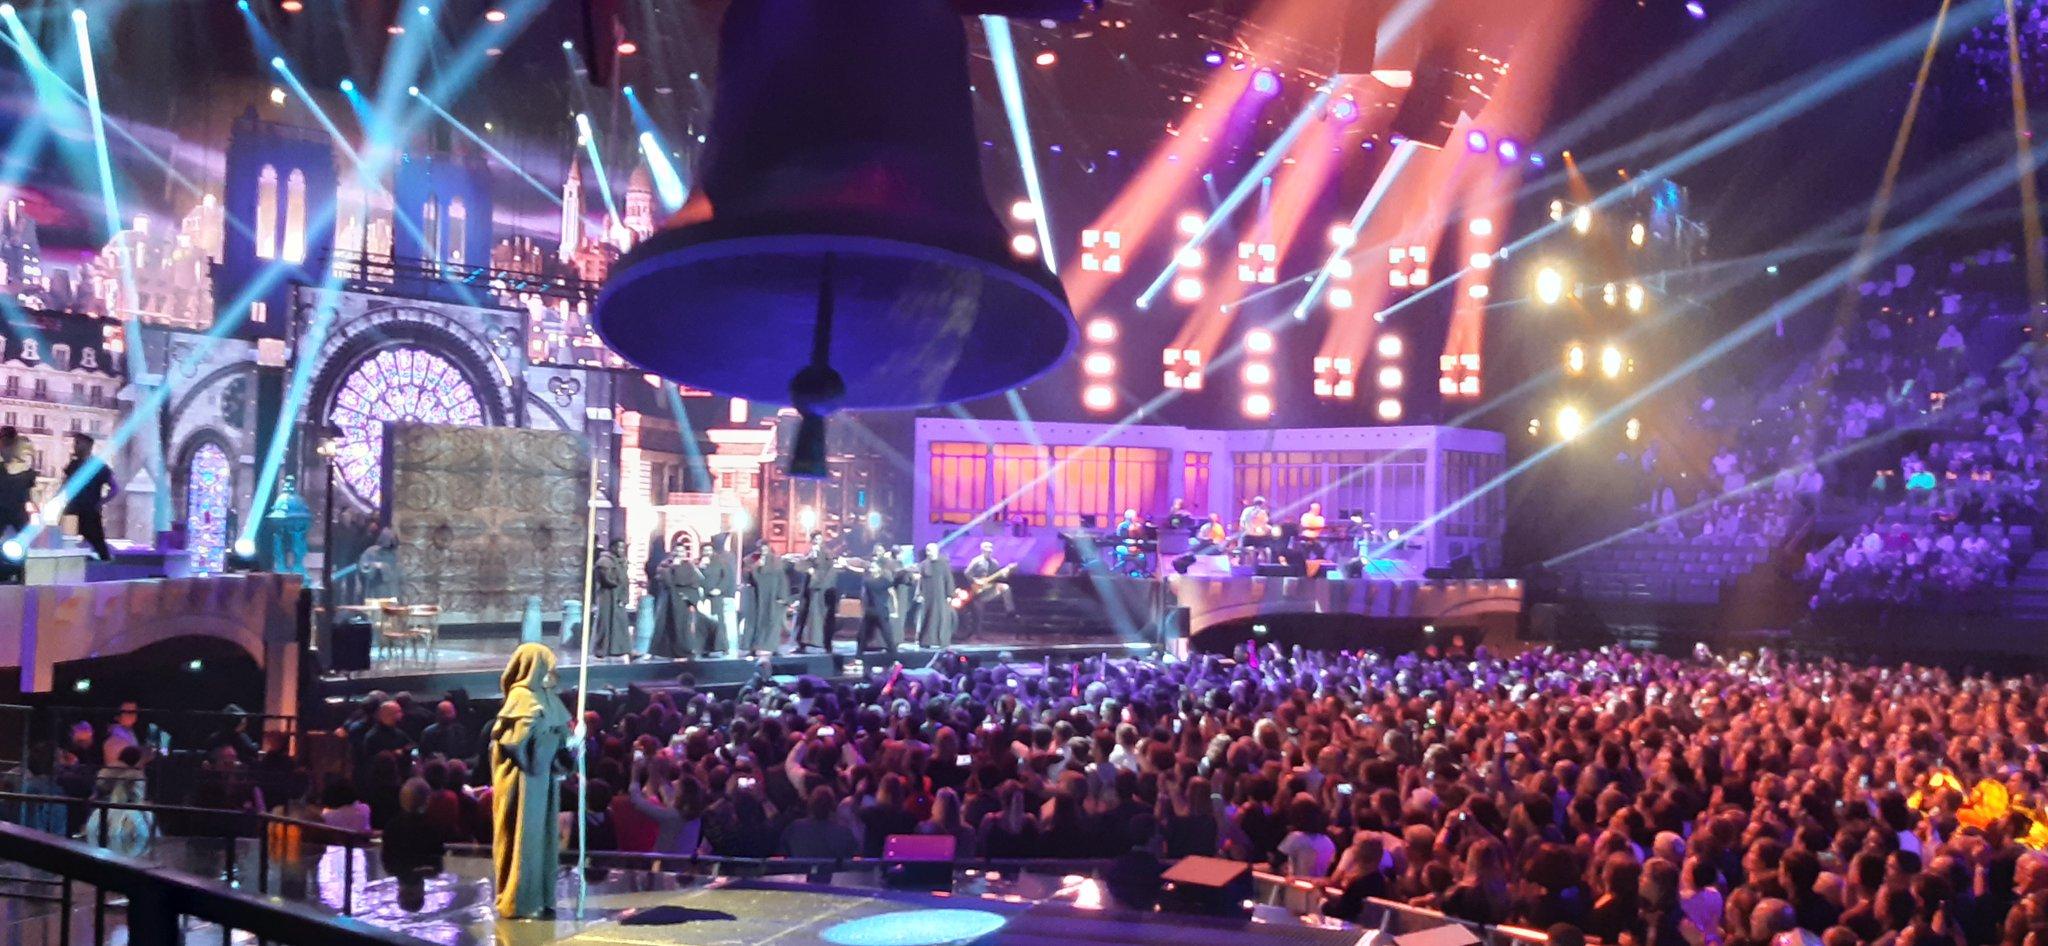 TÉMOIGNAGE et PHOTOS <> Concert du mercredi 15 janvier 2020 à 19h30 Eowccd10